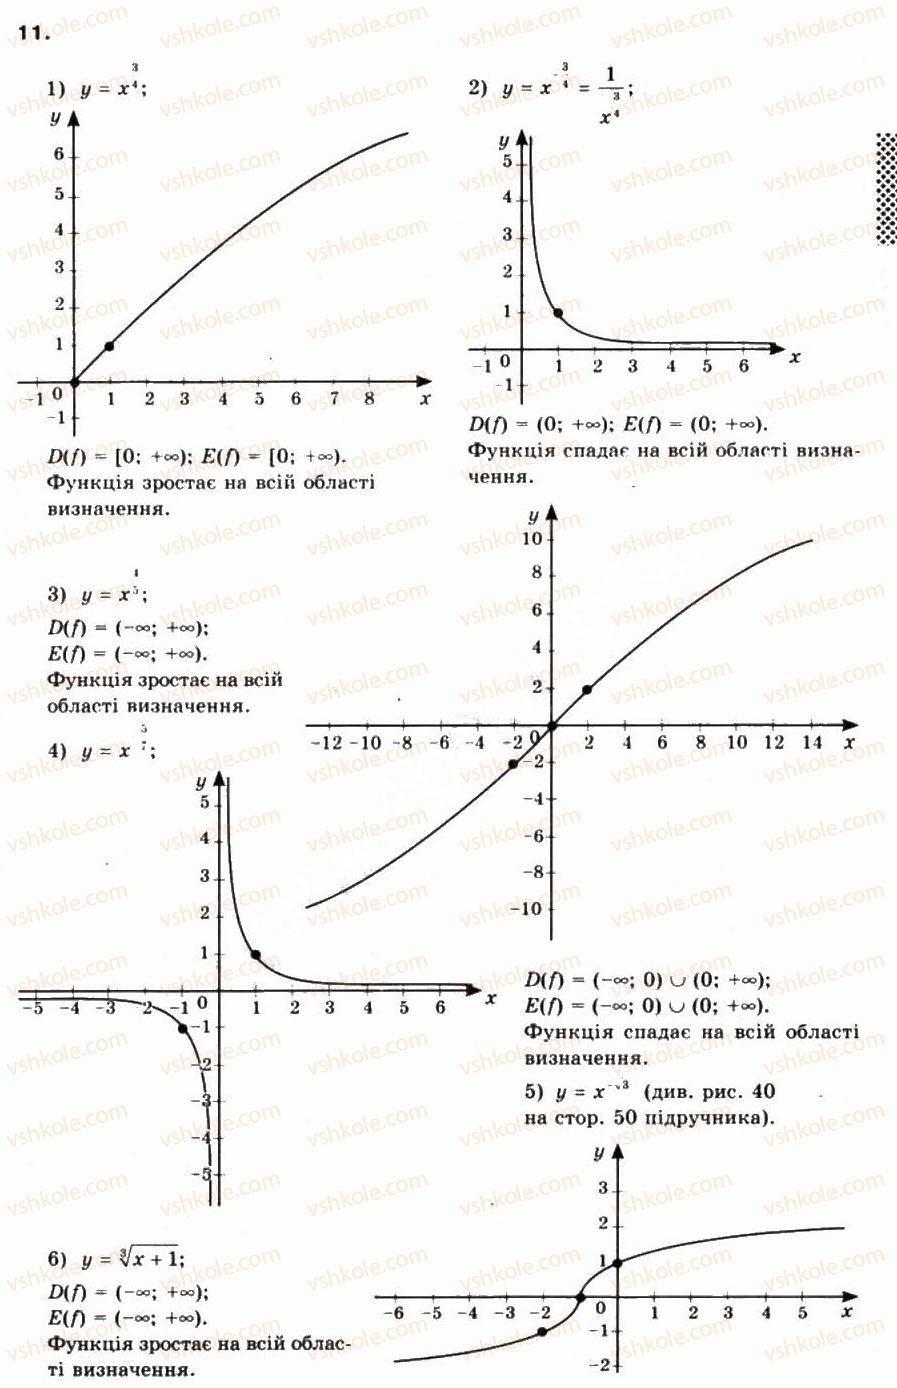 10-matematika-mi-burda-tv-kolesnik-yui-malovanij-na-tarasenkova-2010--chastina-1-algebra-i-pochatki-analizu-8-stepeneva-funktsiya-ta-yiyi-vlastivosti-11.jpg